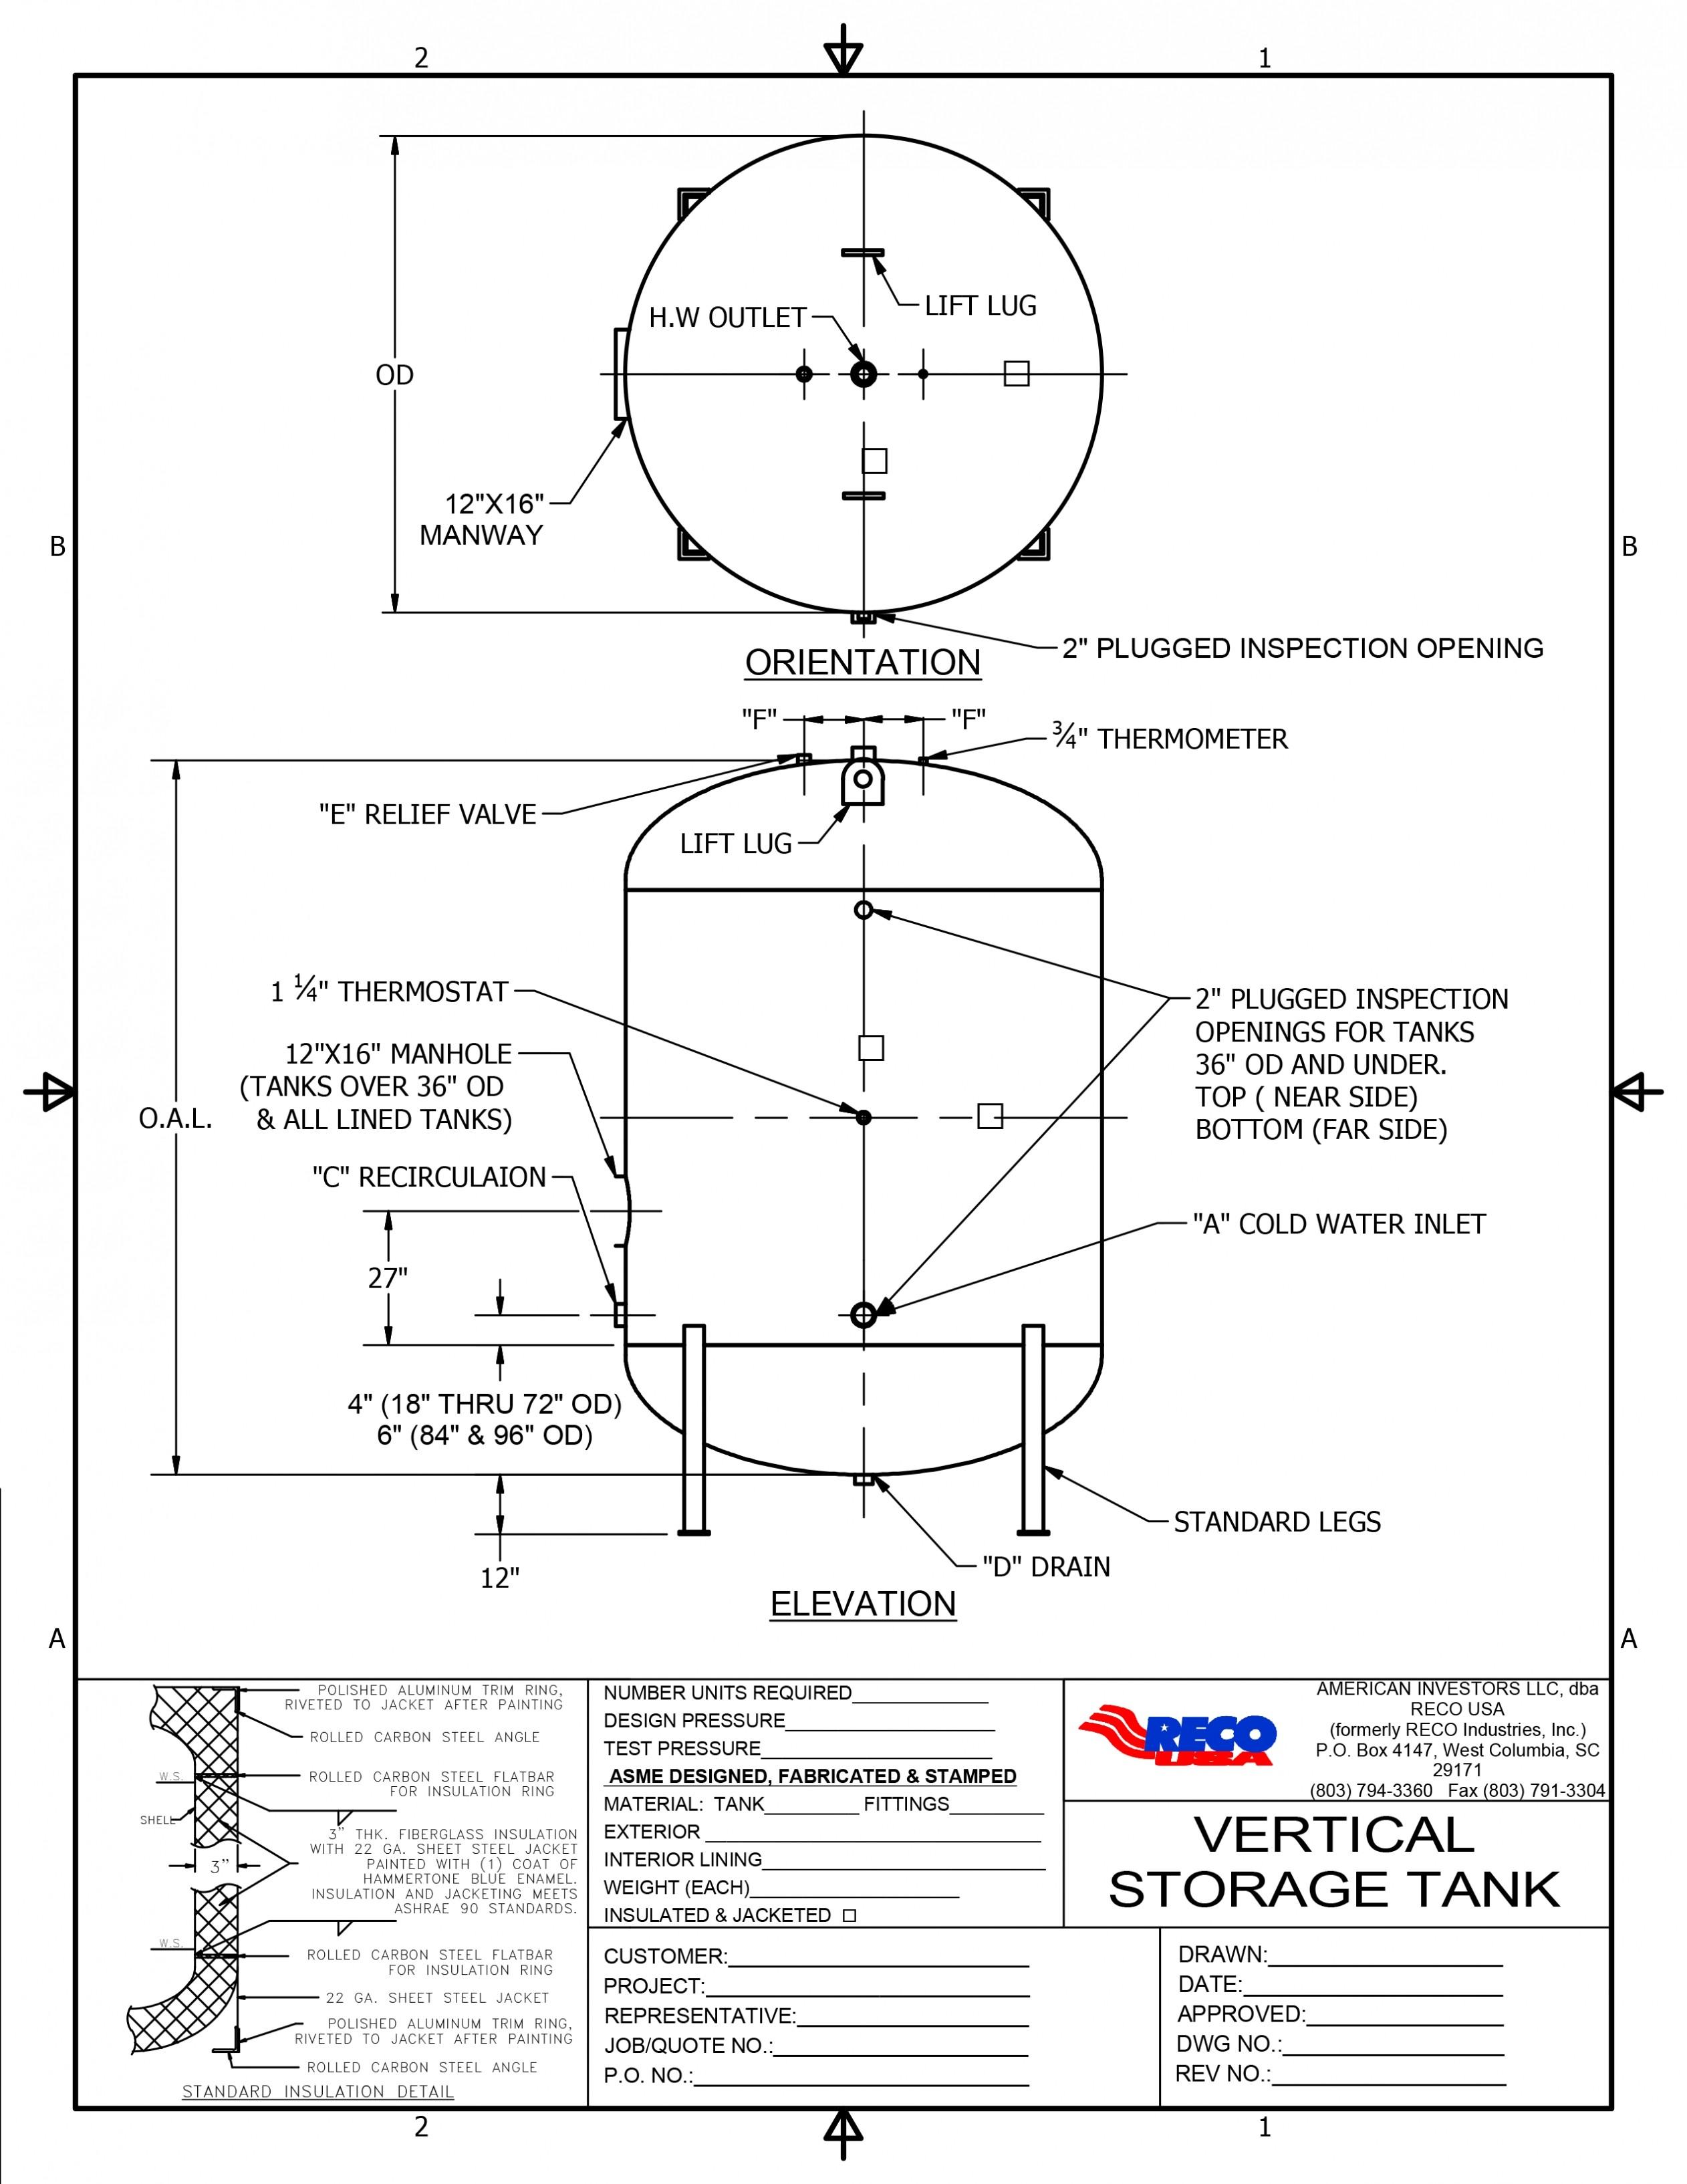 Cat 3126 Engine Diagram Dt 466 Engine Diagram Experts Wiring Diagram • Of Cat 3126 Engine Diagram